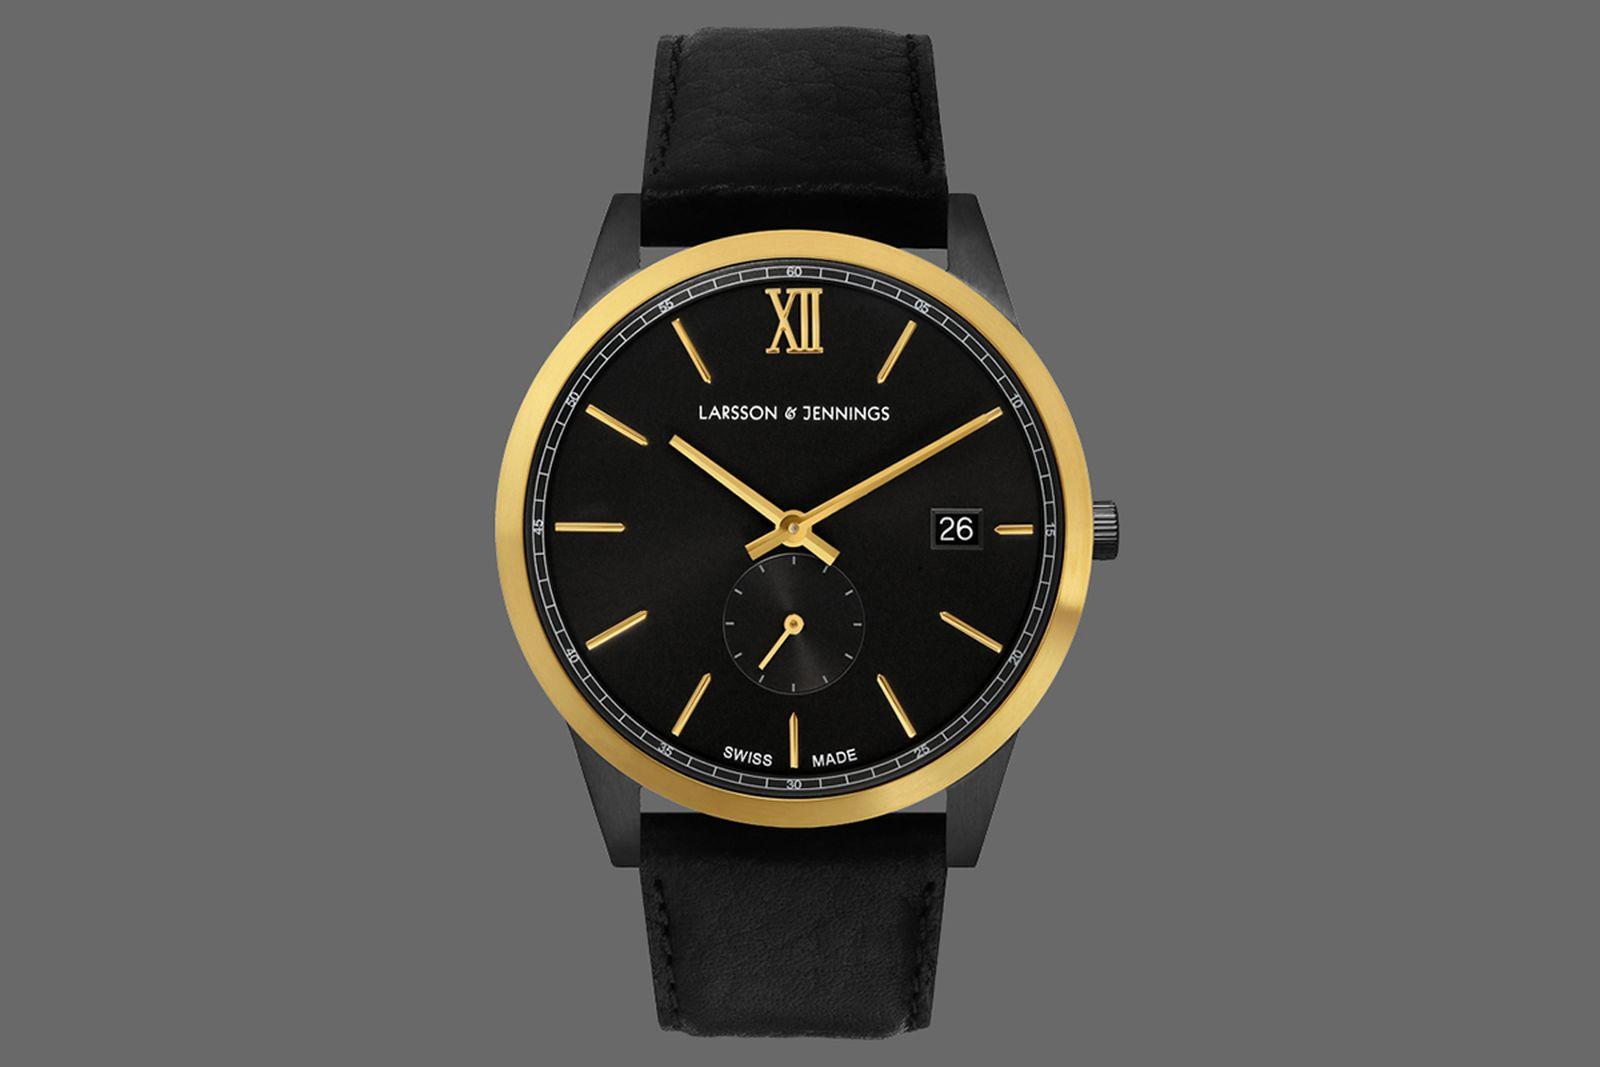 larsson-jennings-saxon-limited-edition-watch-03